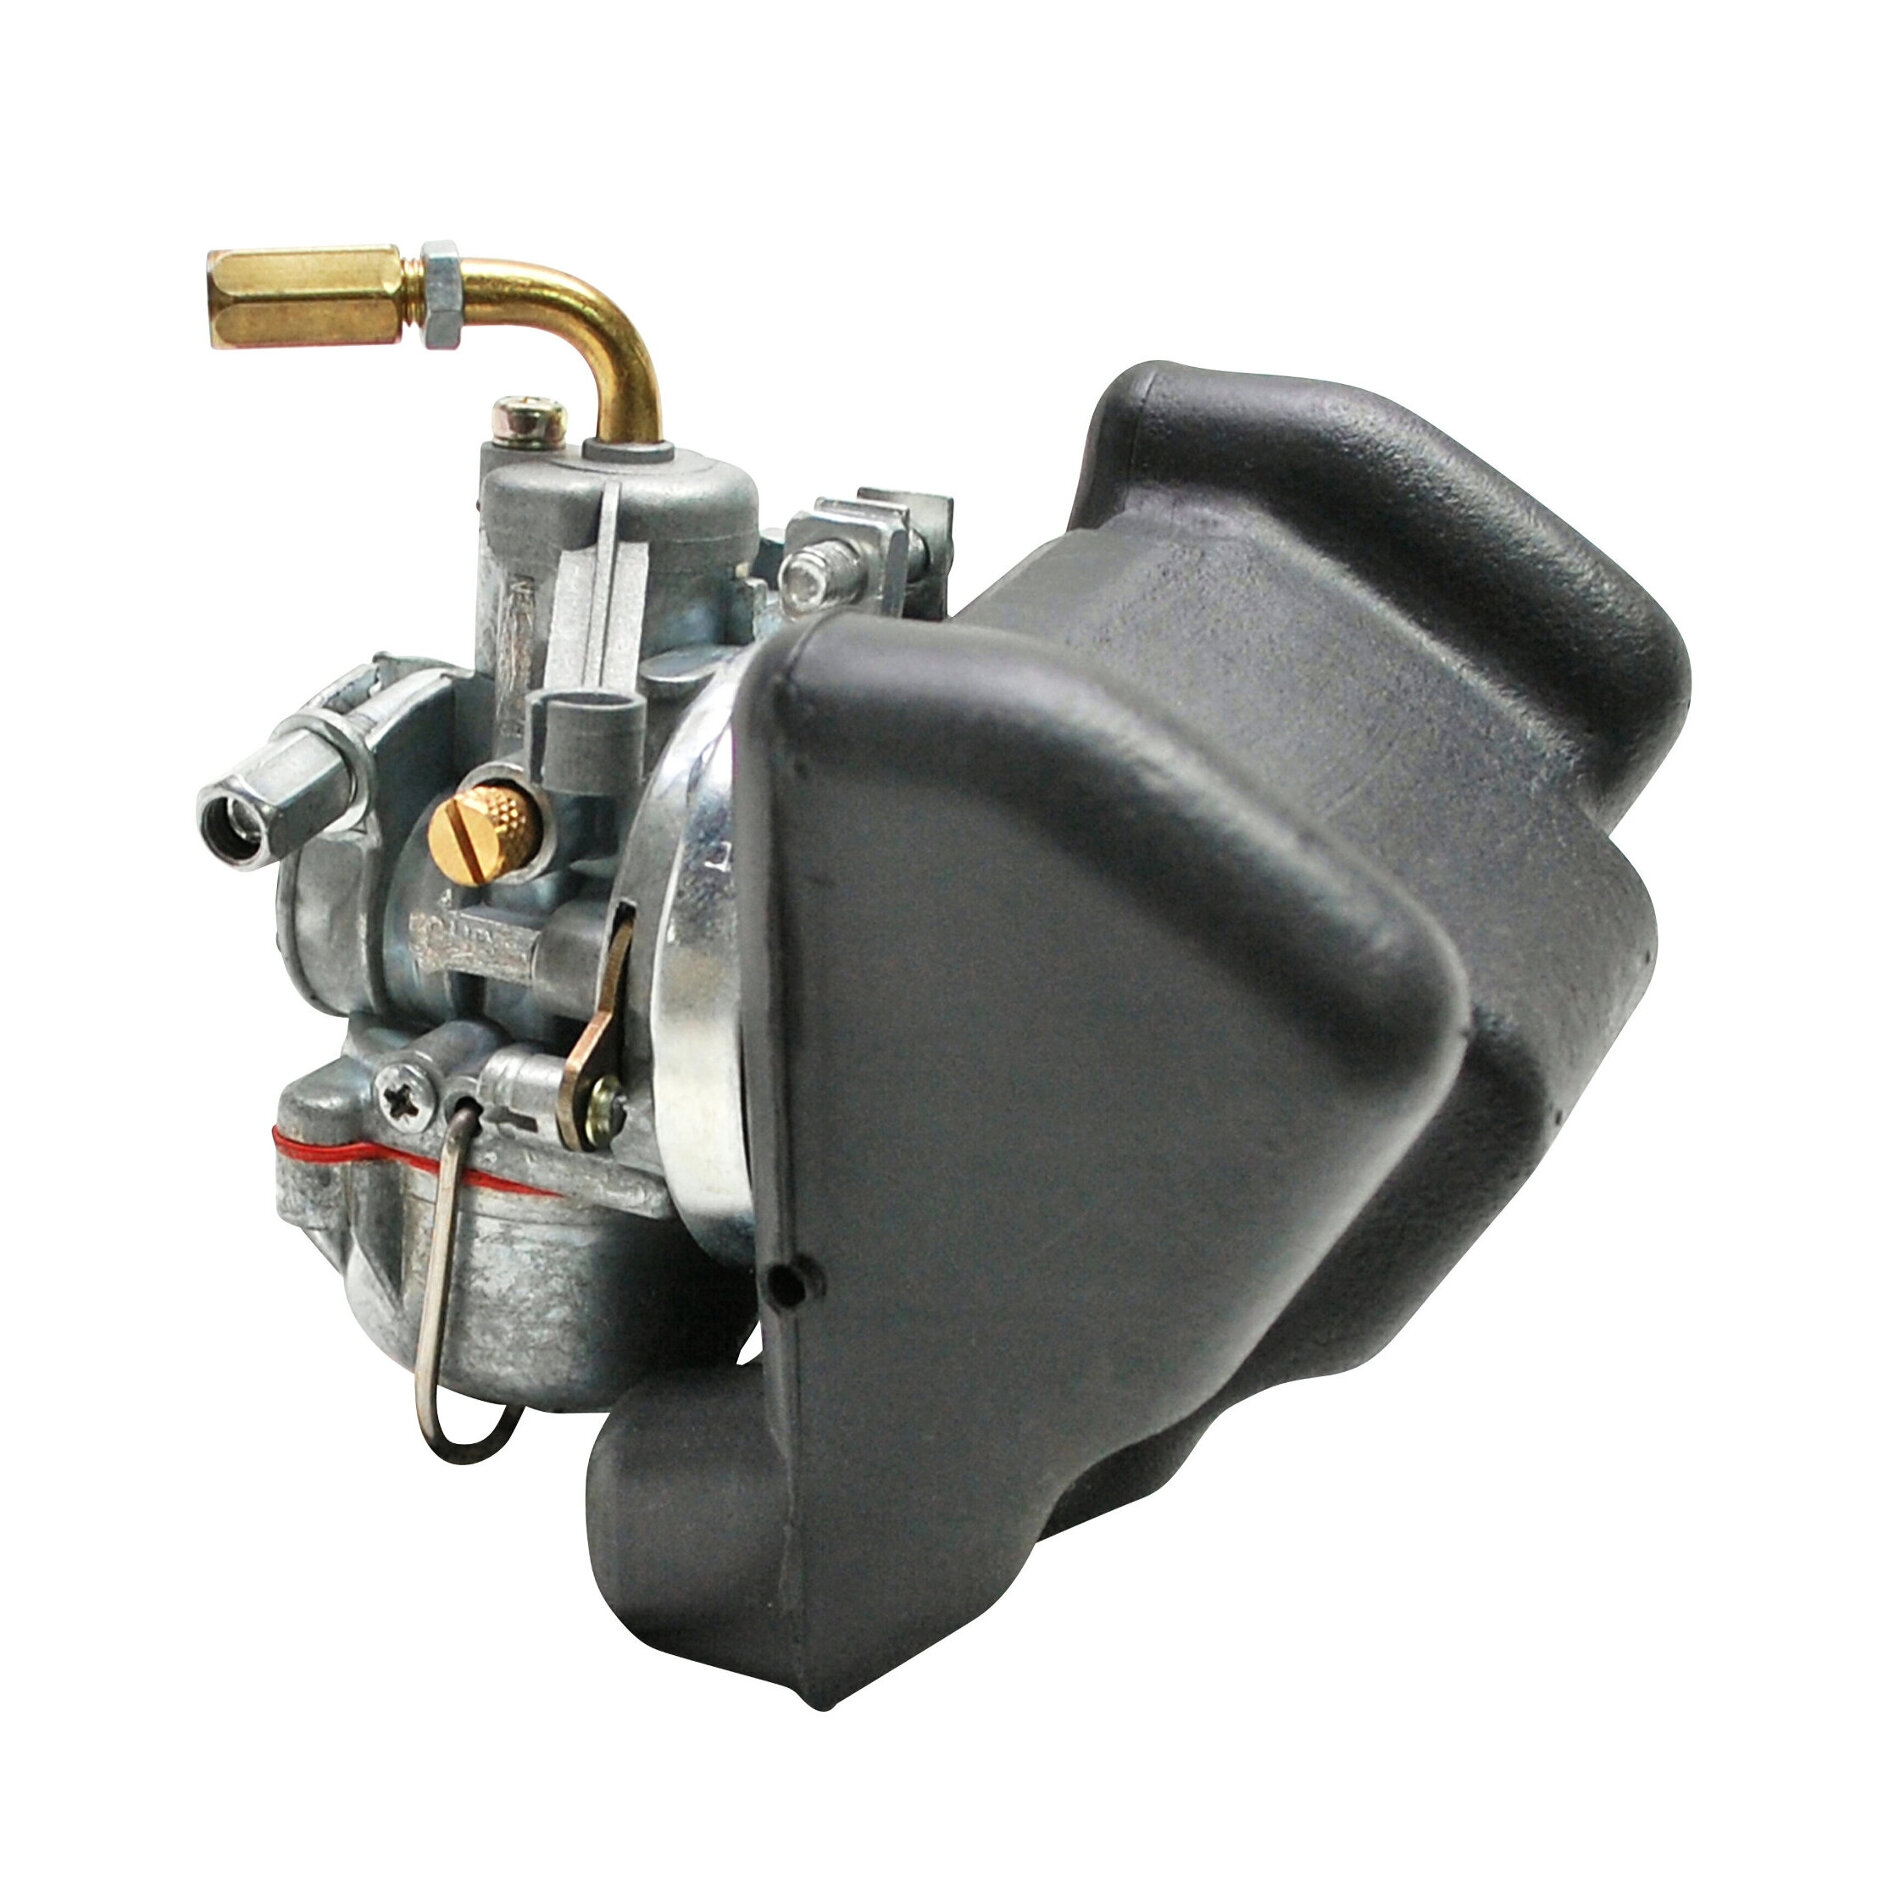 Carburateur 1Tek adaptable Peugeot 103 spx/rcx